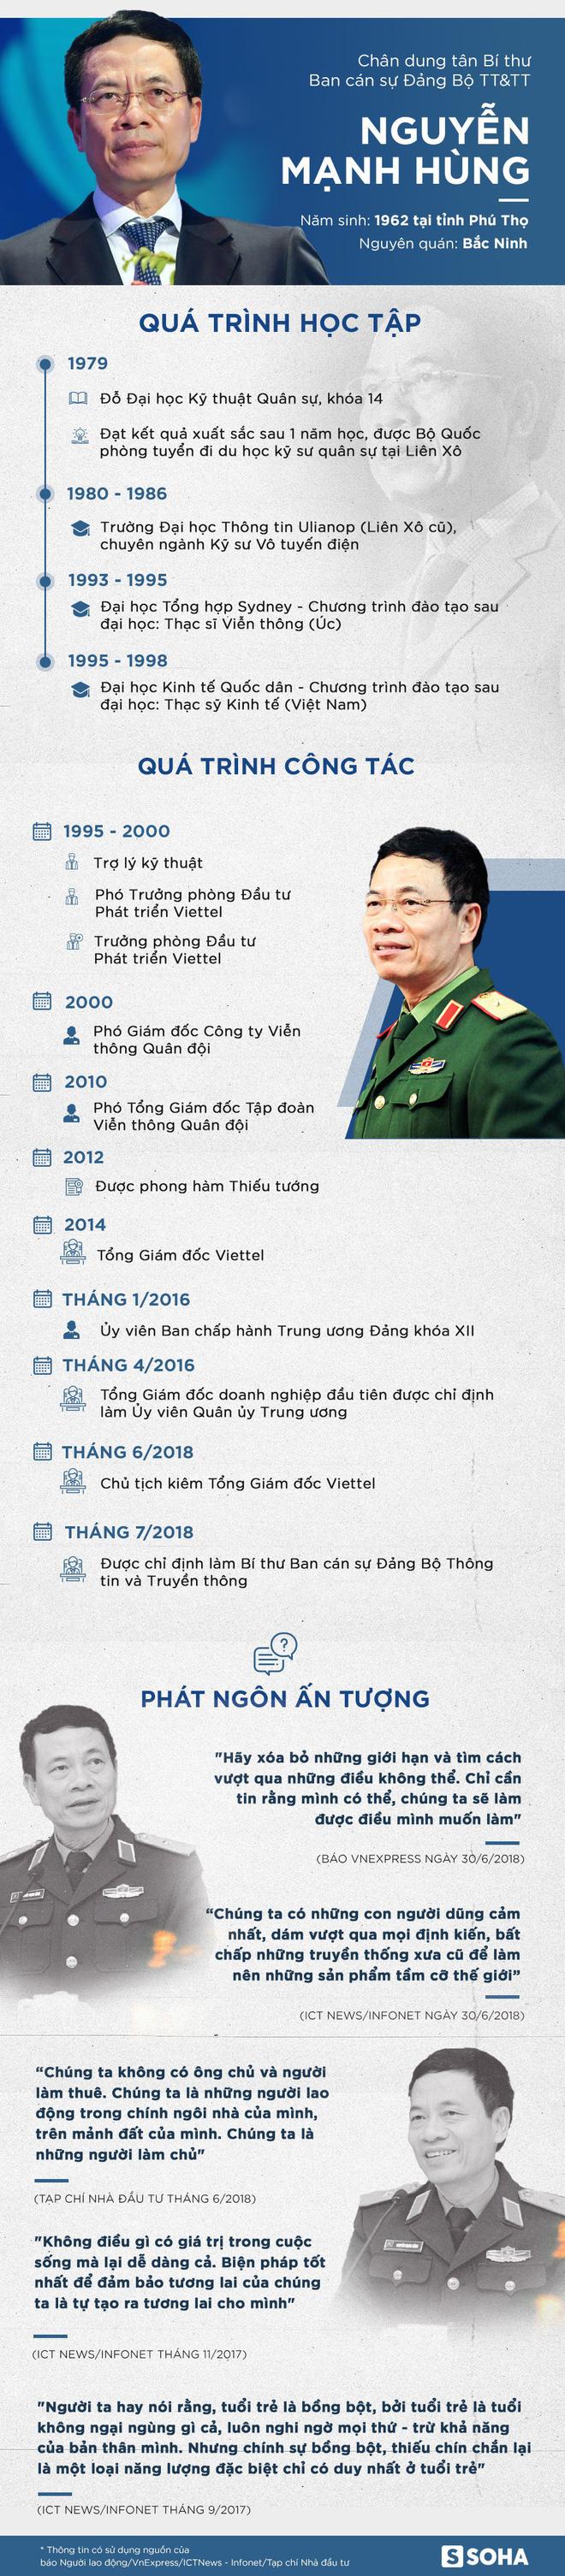 Ông Nguyễn Mạnh Hùng làm Bộ trưởng Thông tin và Truyền Thông - Ảnh 3.